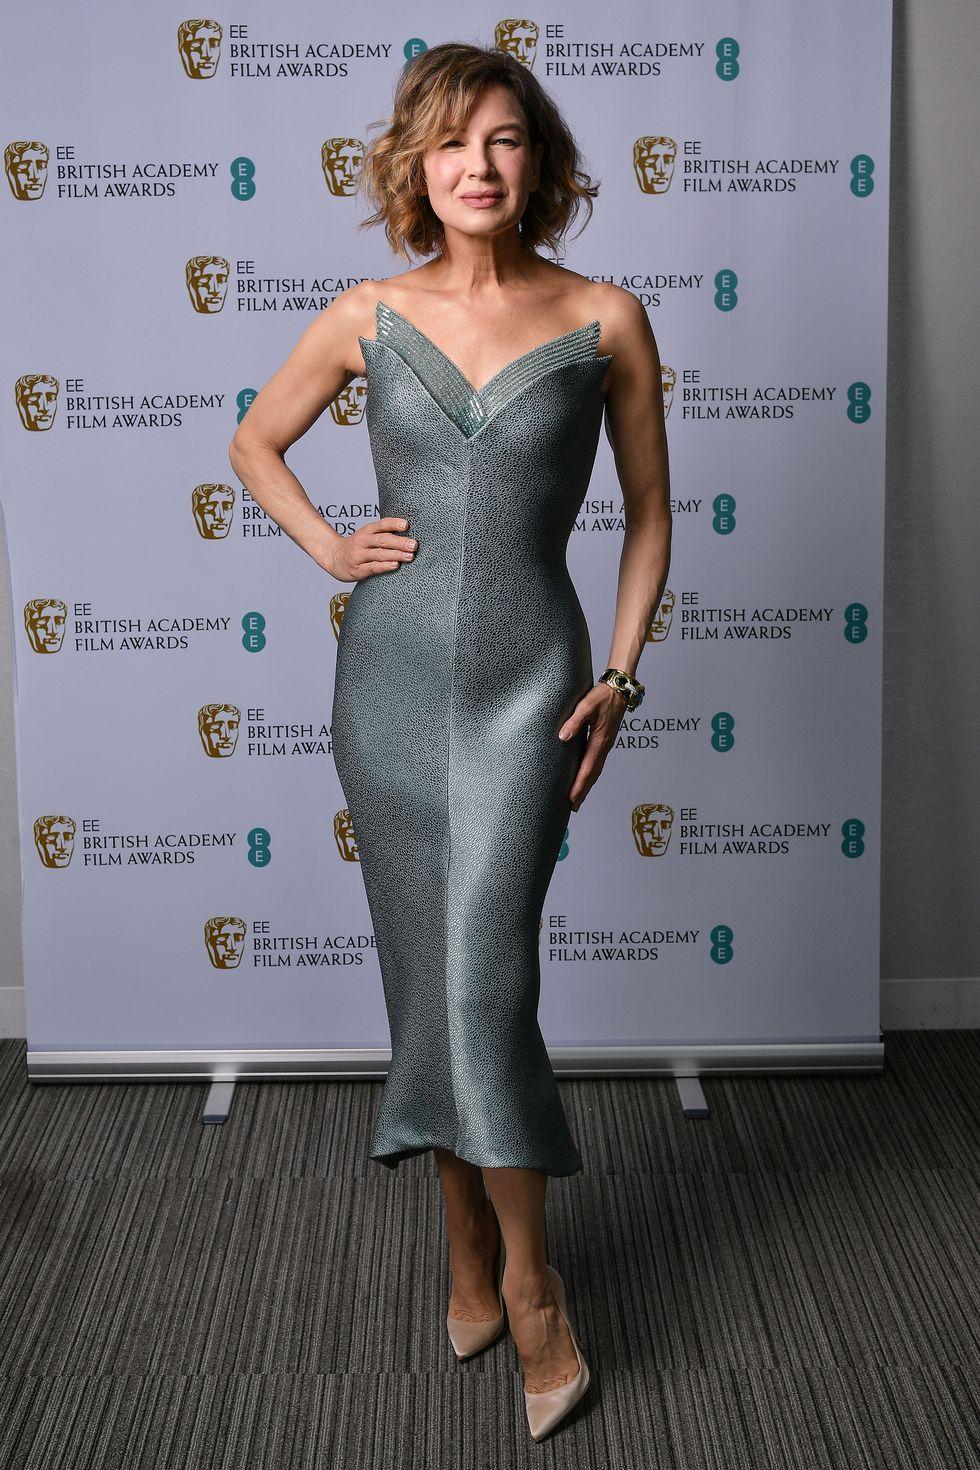 Renée Zellweger kết hợp chiếc váy Giorgio Armani màu bạc khoét ngực sâu cùng đôi giày cao gót màu nude giúp nữ diễn viên khoe trọn sắc vóc quyến rũ dù đã ngoài 50.